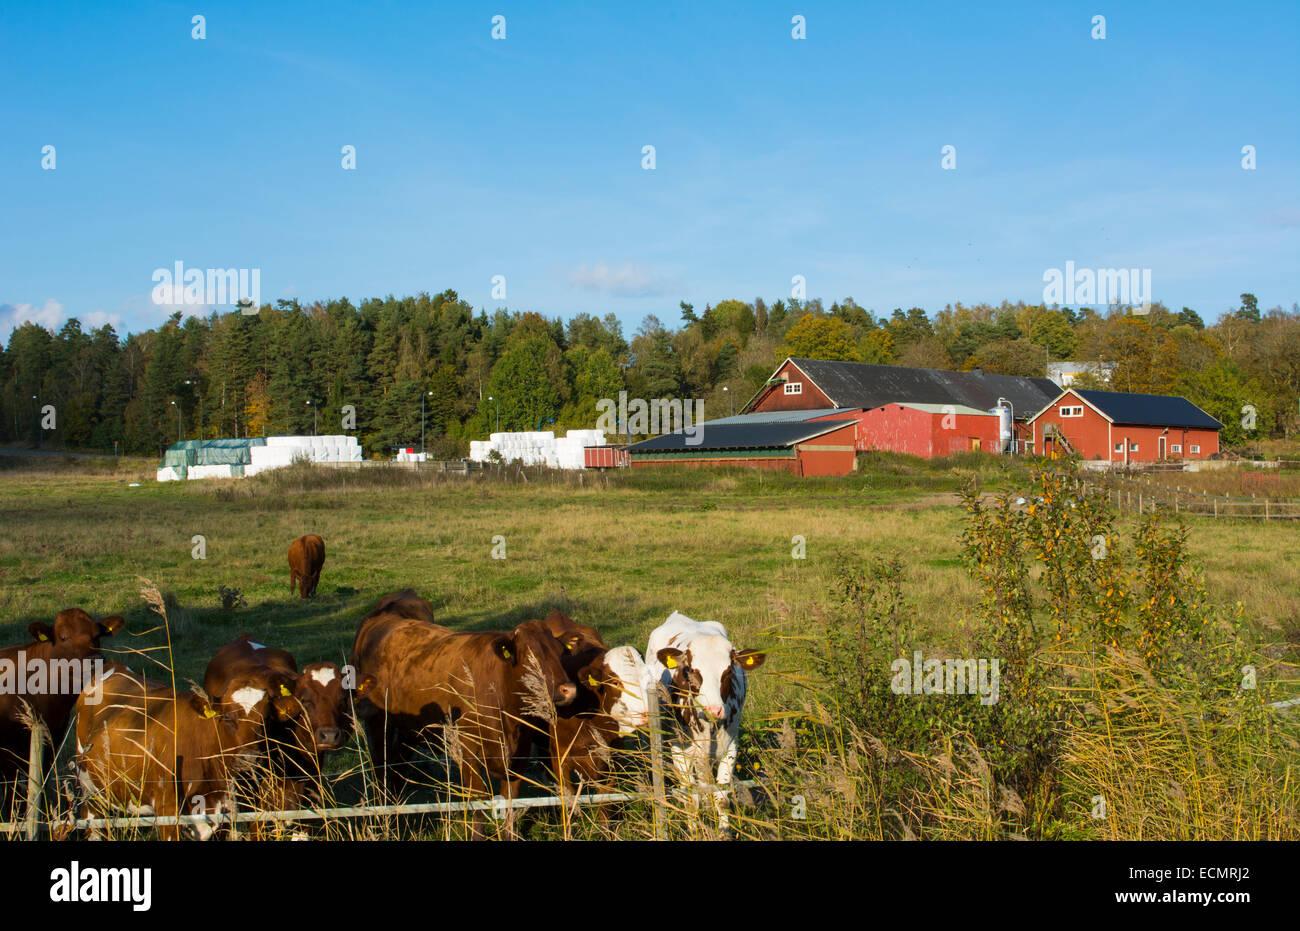 Sorunda Svezia bellissima azienda casearia e fienile a sud di Stoccolma Foto Stock